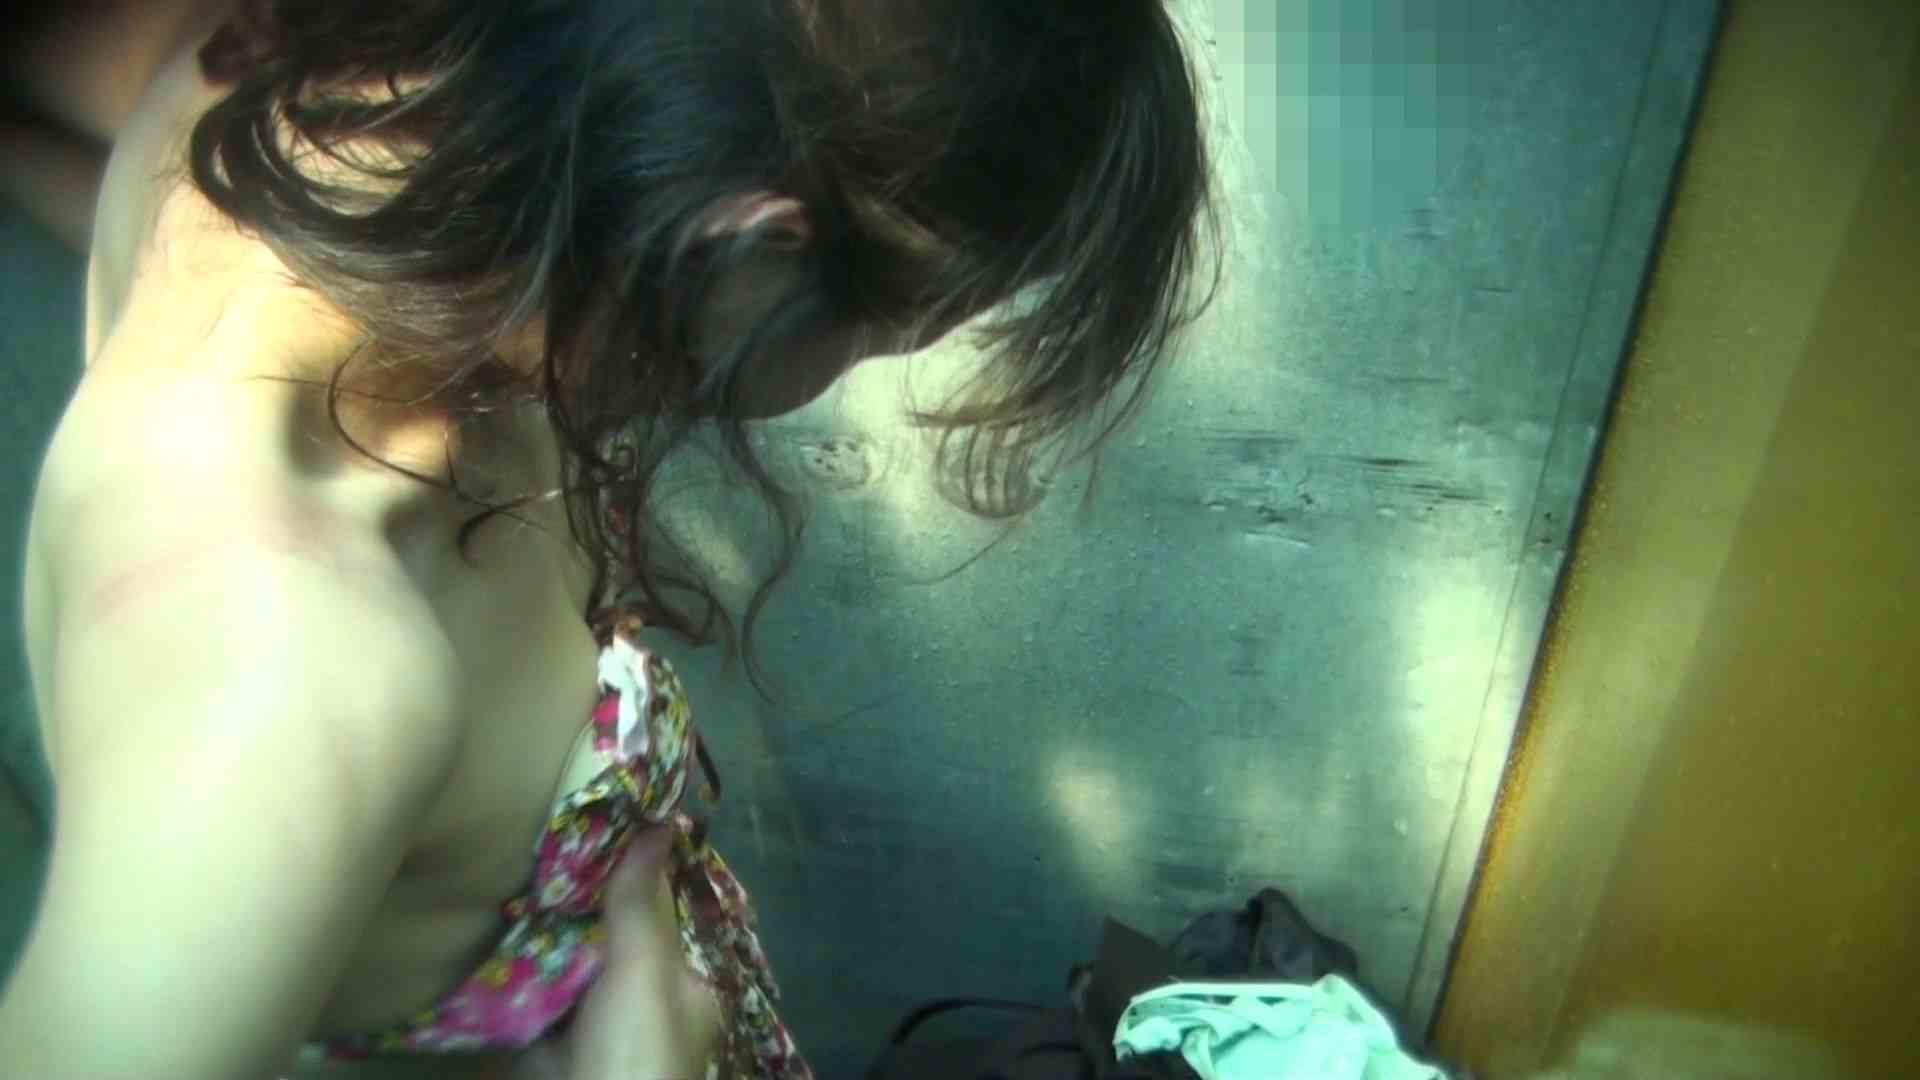 シャワールームは超!!危険な香りVol.16 意外に乳首は年増のそれ 高画質 のぞき濡れ場動画紹介 61pic 19